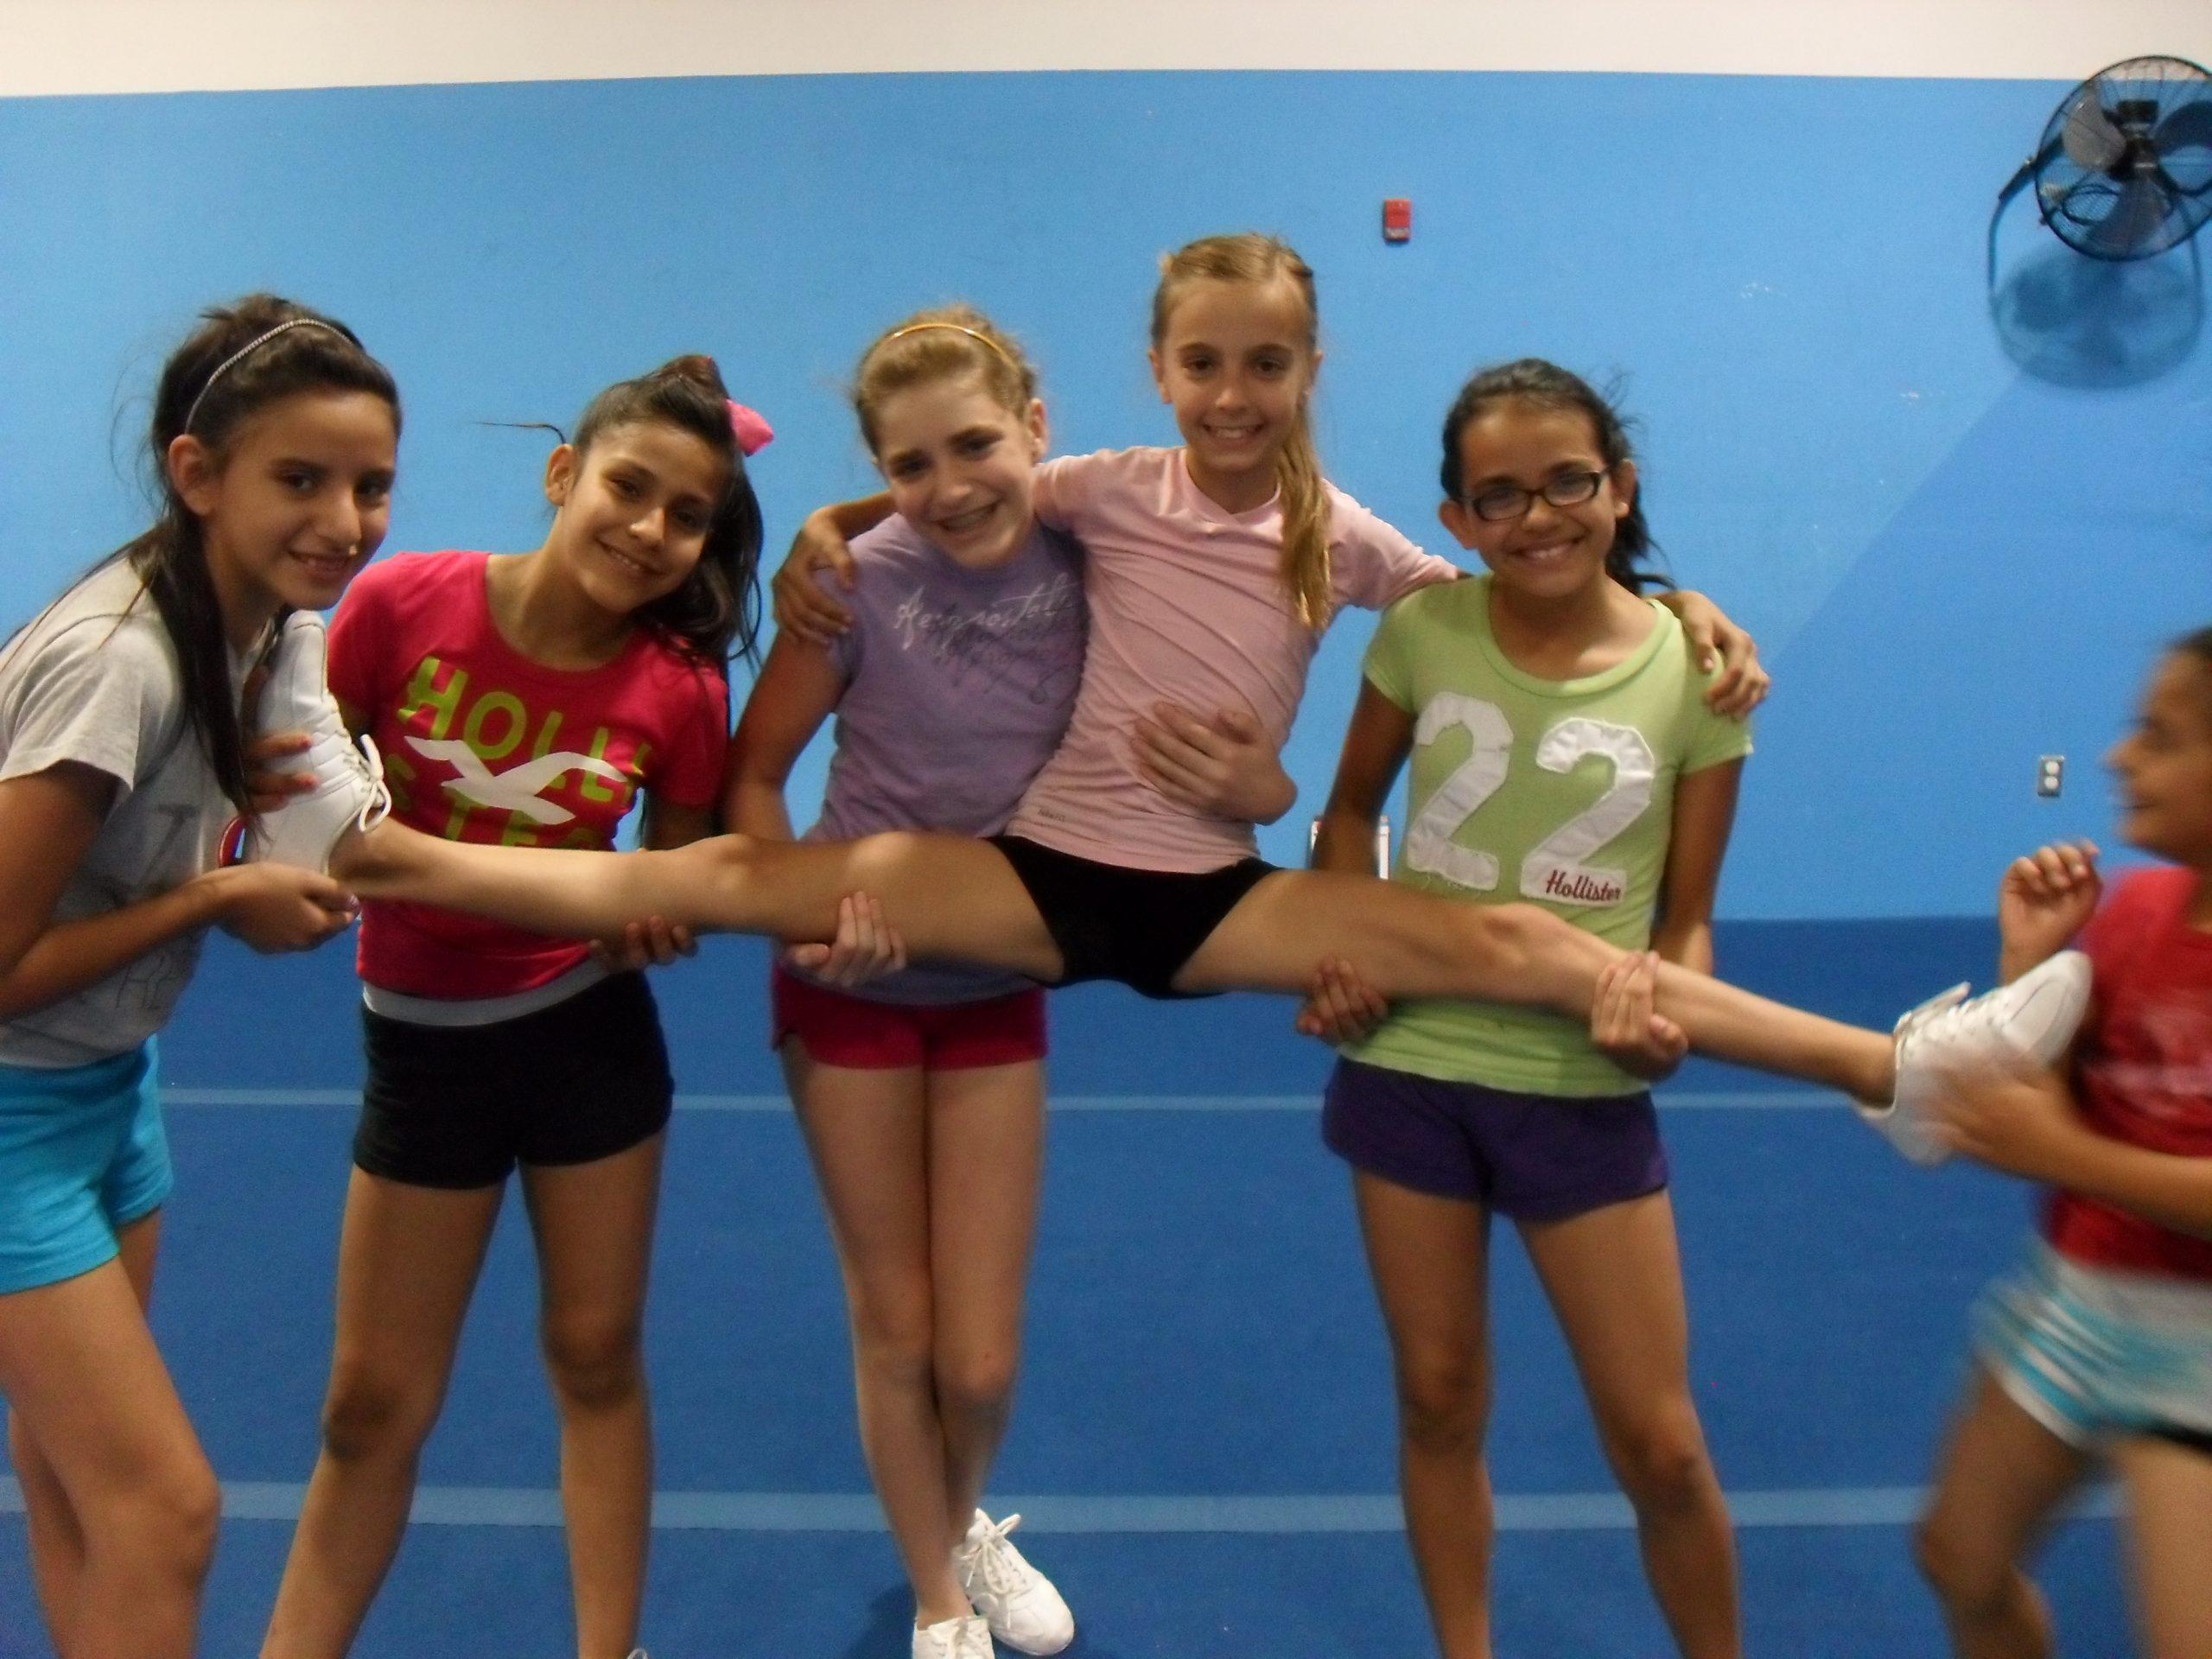 4 girls hold the 5th girl doing the splits